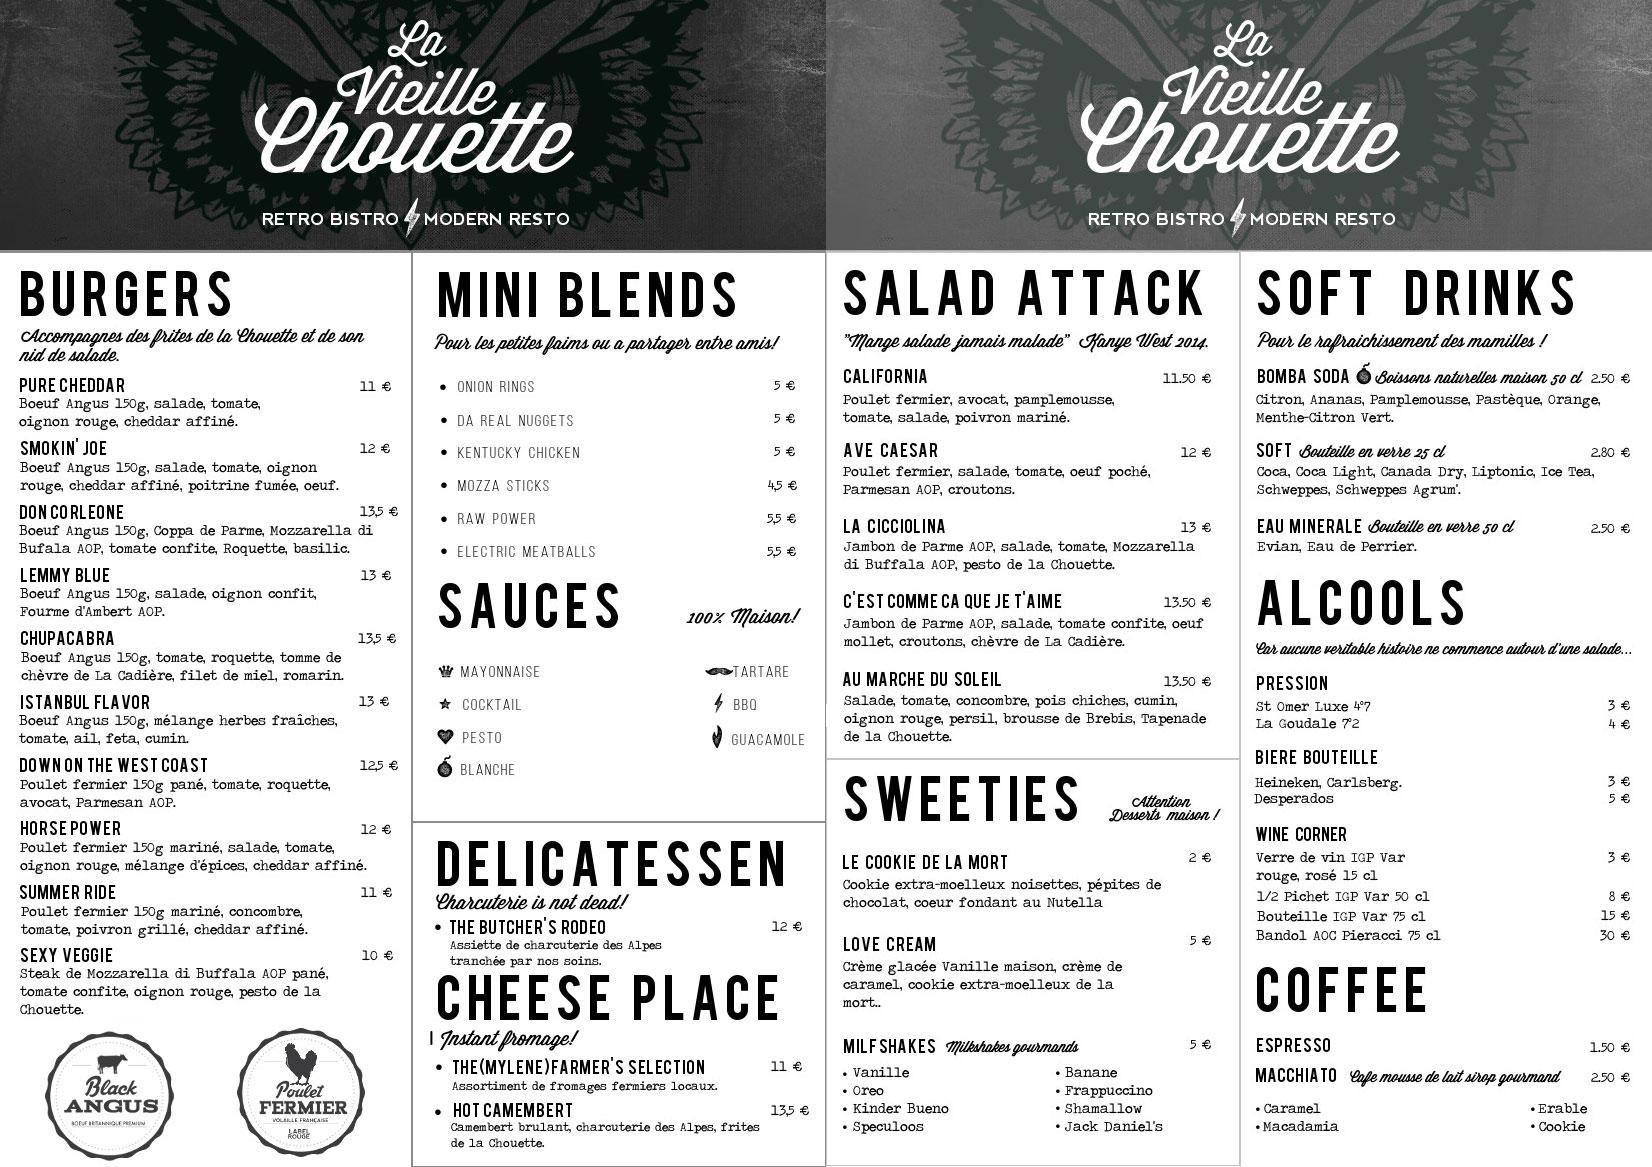 menu-lavieille-chouette